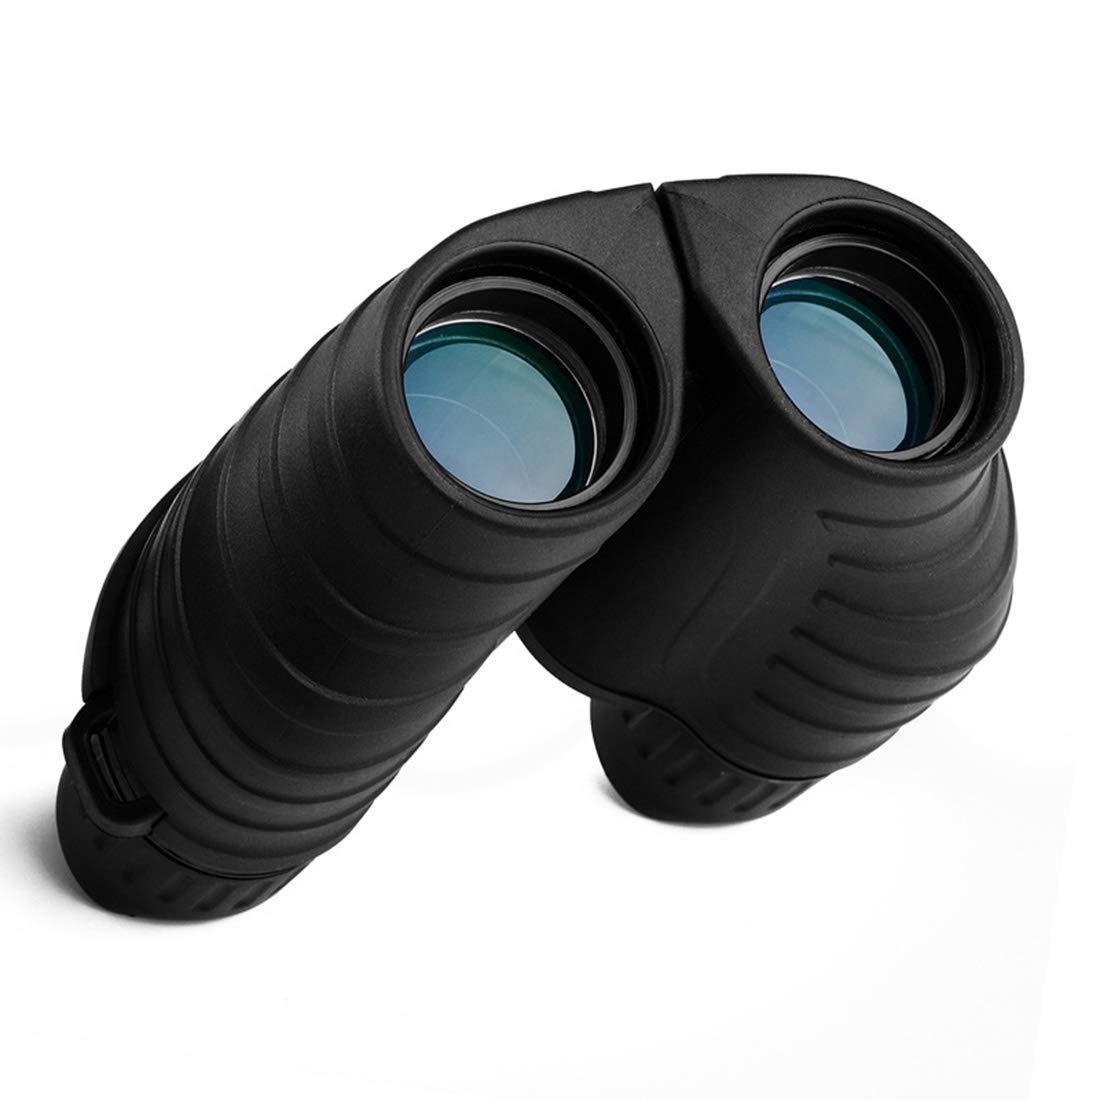 バーゲンで AIYAMAYA HD双眼鏡 10 x 25 広角ポータブルバードウォッチング望遠鏡 屋外用 (カラー : ブラック)   B07KYHKY79, ONE'S YOKOHAMA e15455e6